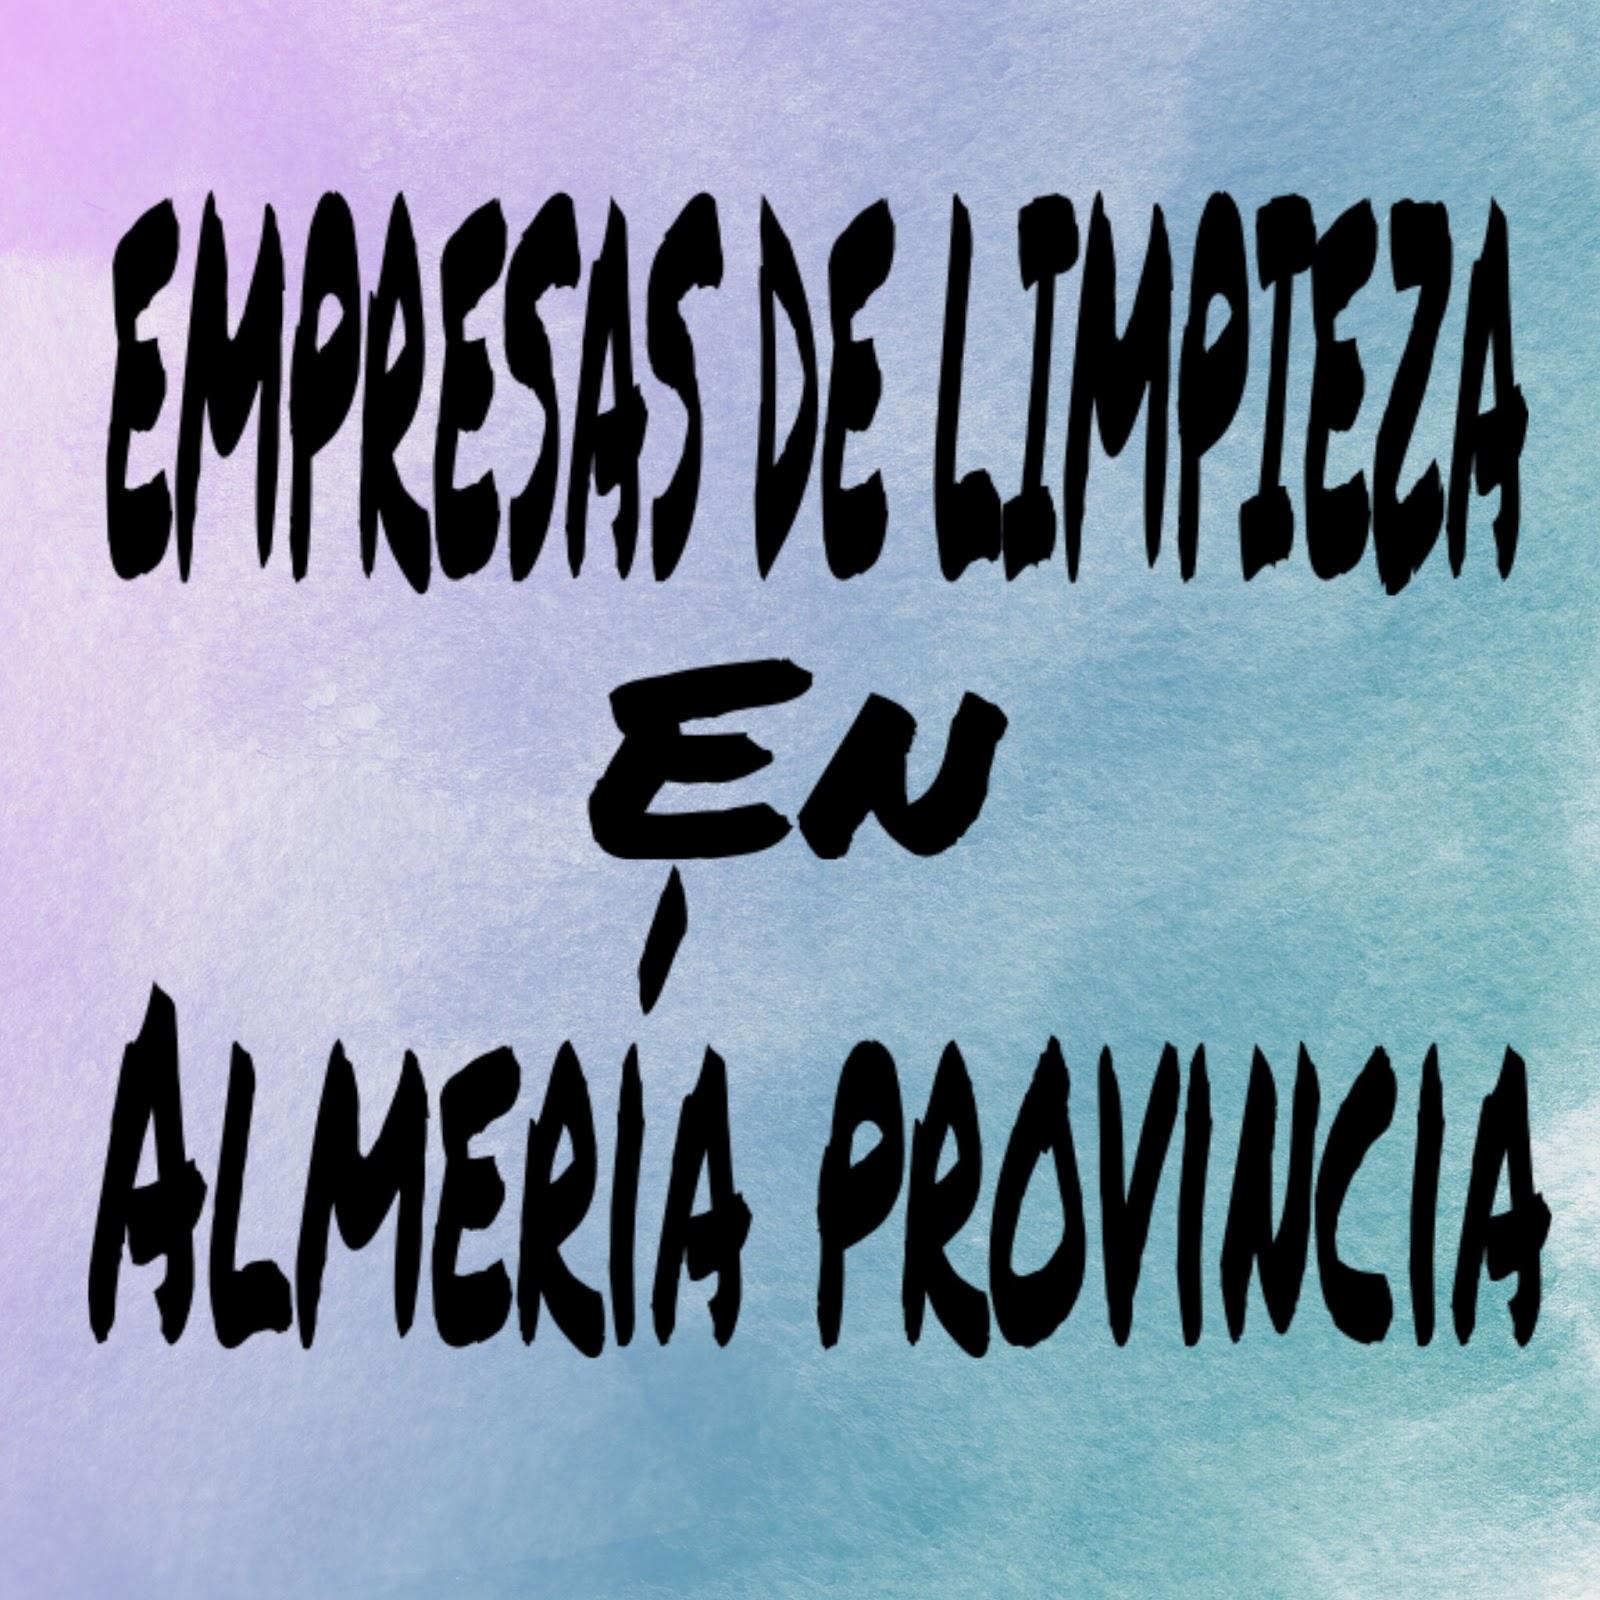 El Blog de Moisés y Ana: Empresas de Limpiezas en Almería ... - photo#14